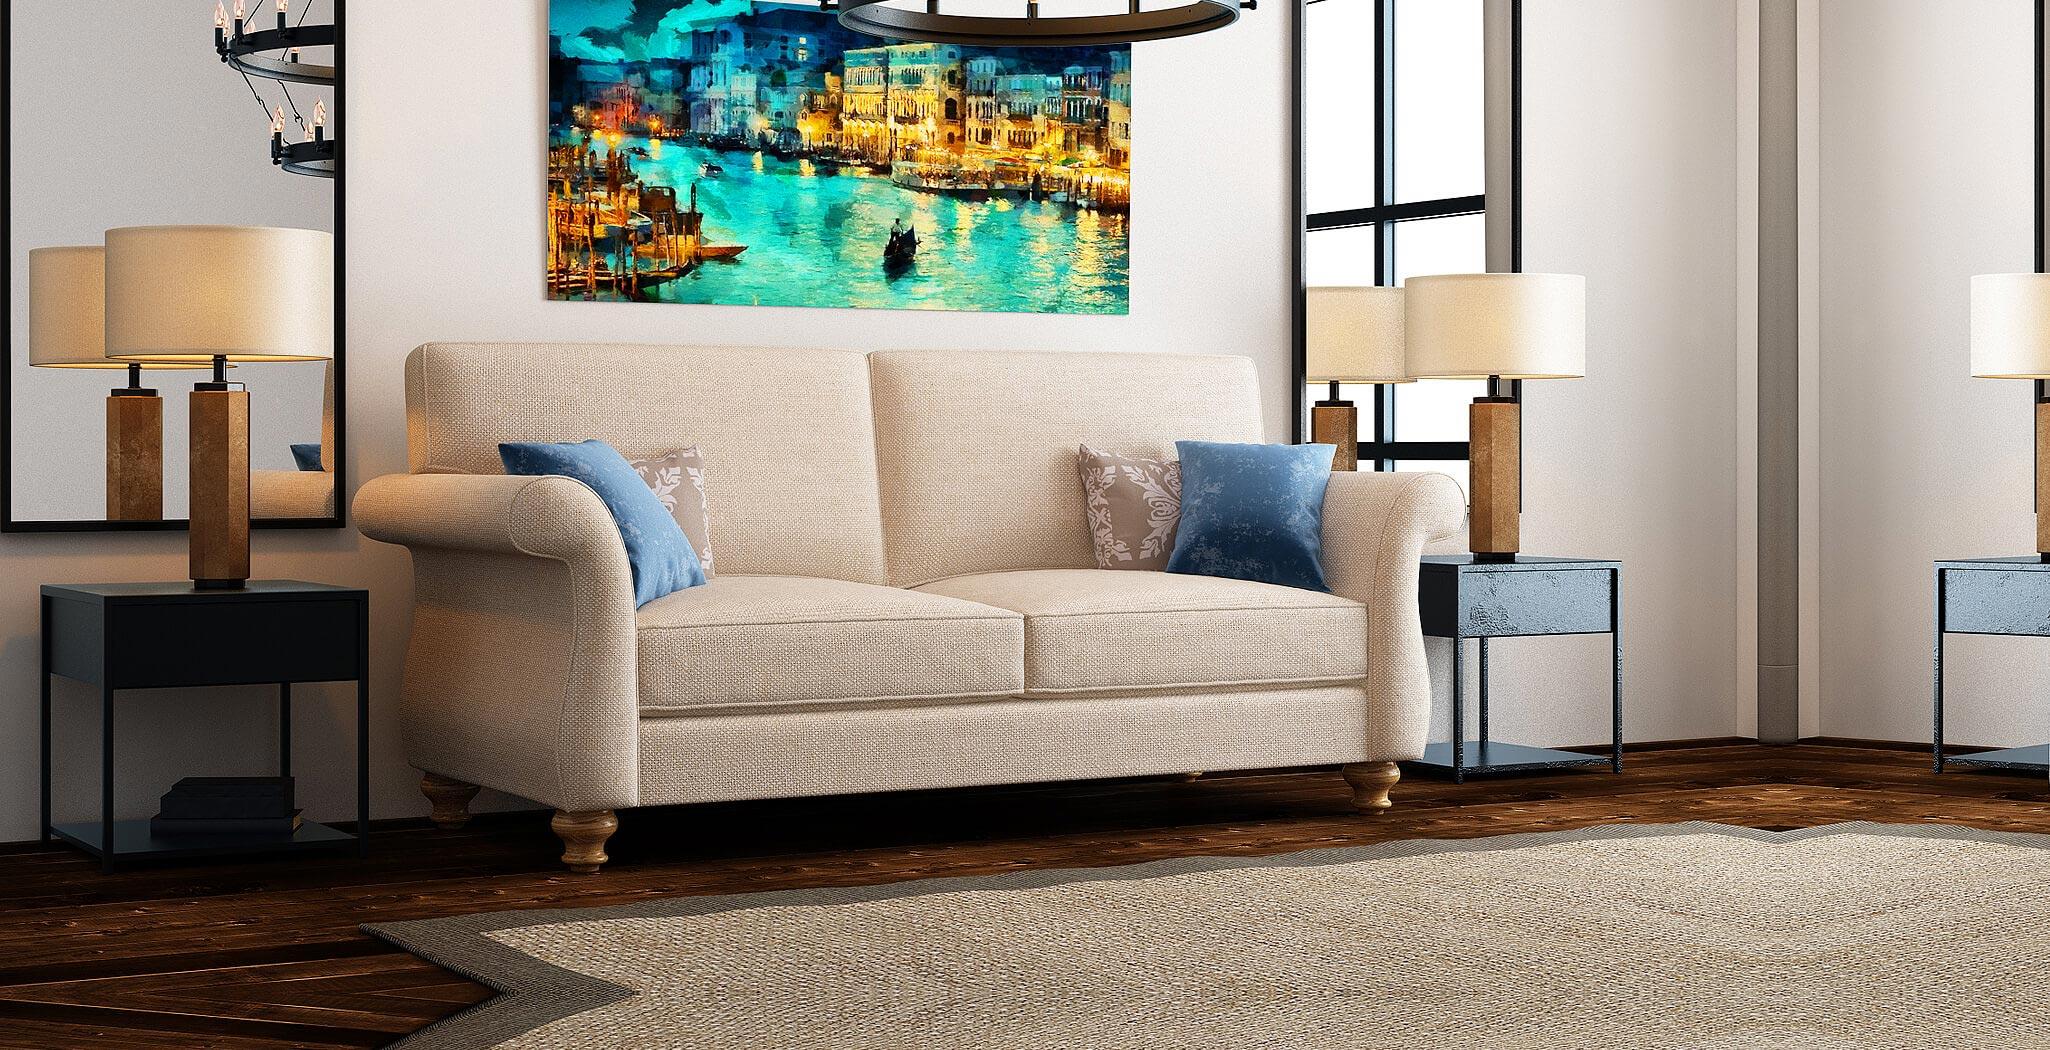 pisa sofa furniture gallery 1